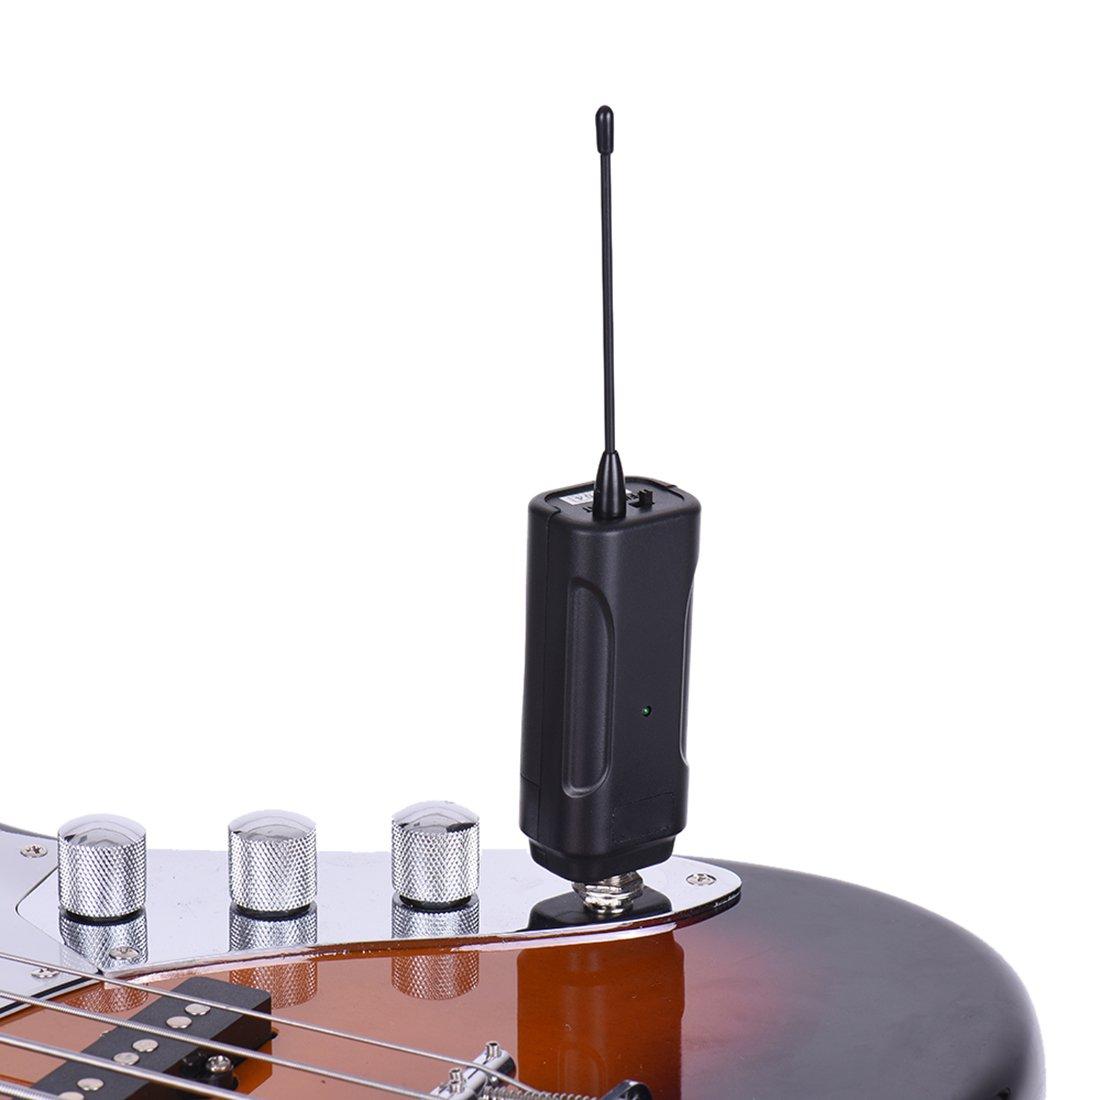 TOOGOO Receptor Transmisor de Audio inalambrico portatil Sistema para Instrumento electrico bajo Violin electrico Guitarra electrica: Amazon.es: Electrónica